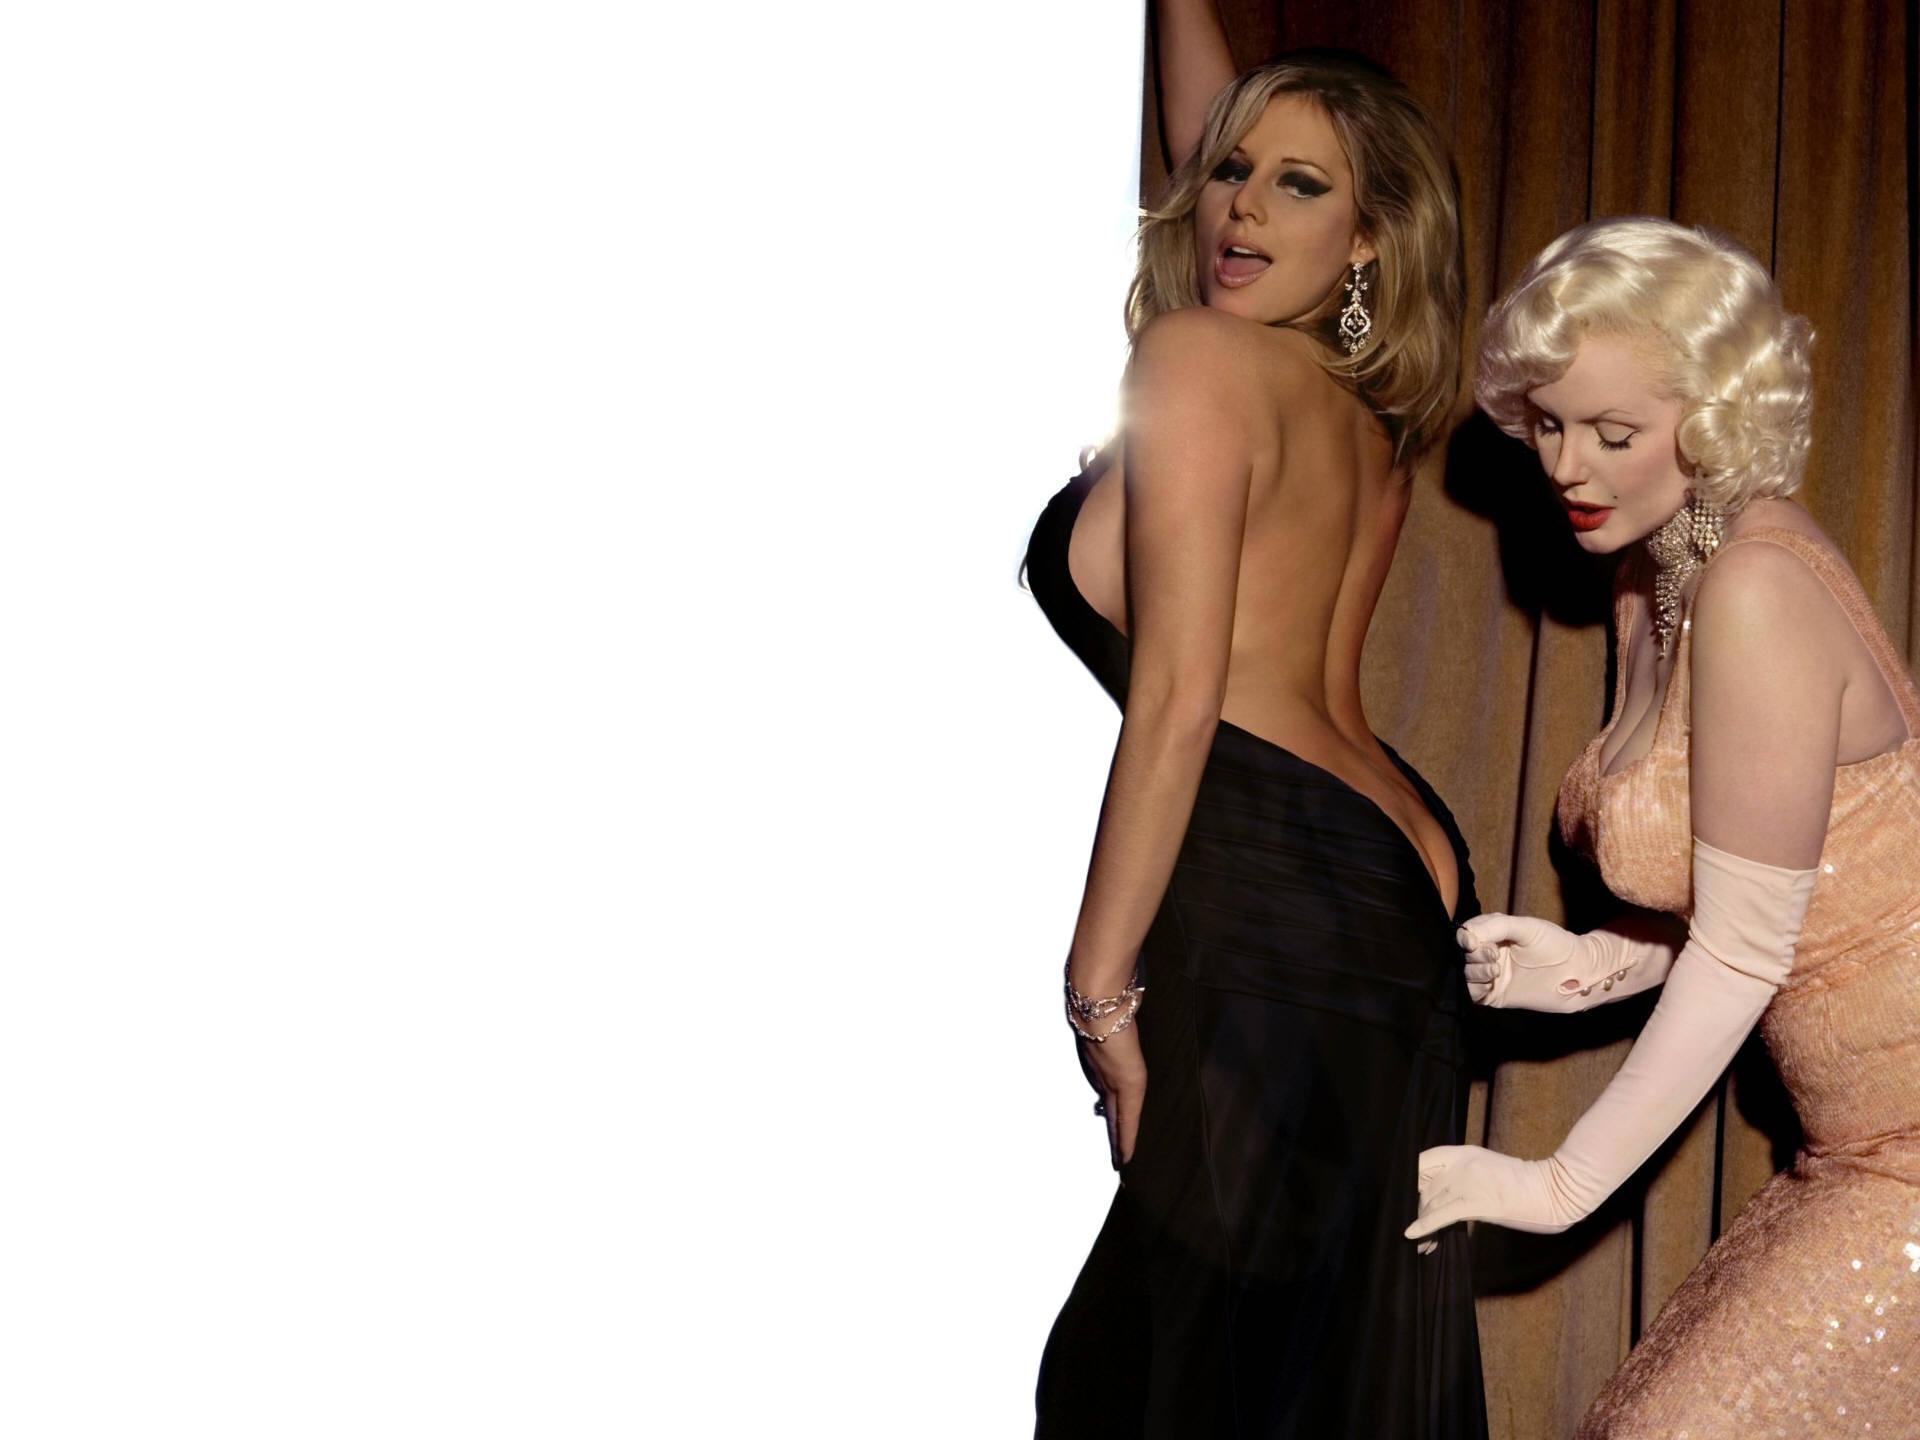 Смотреть онлайн голые красивые девочки карлики 11 фотография